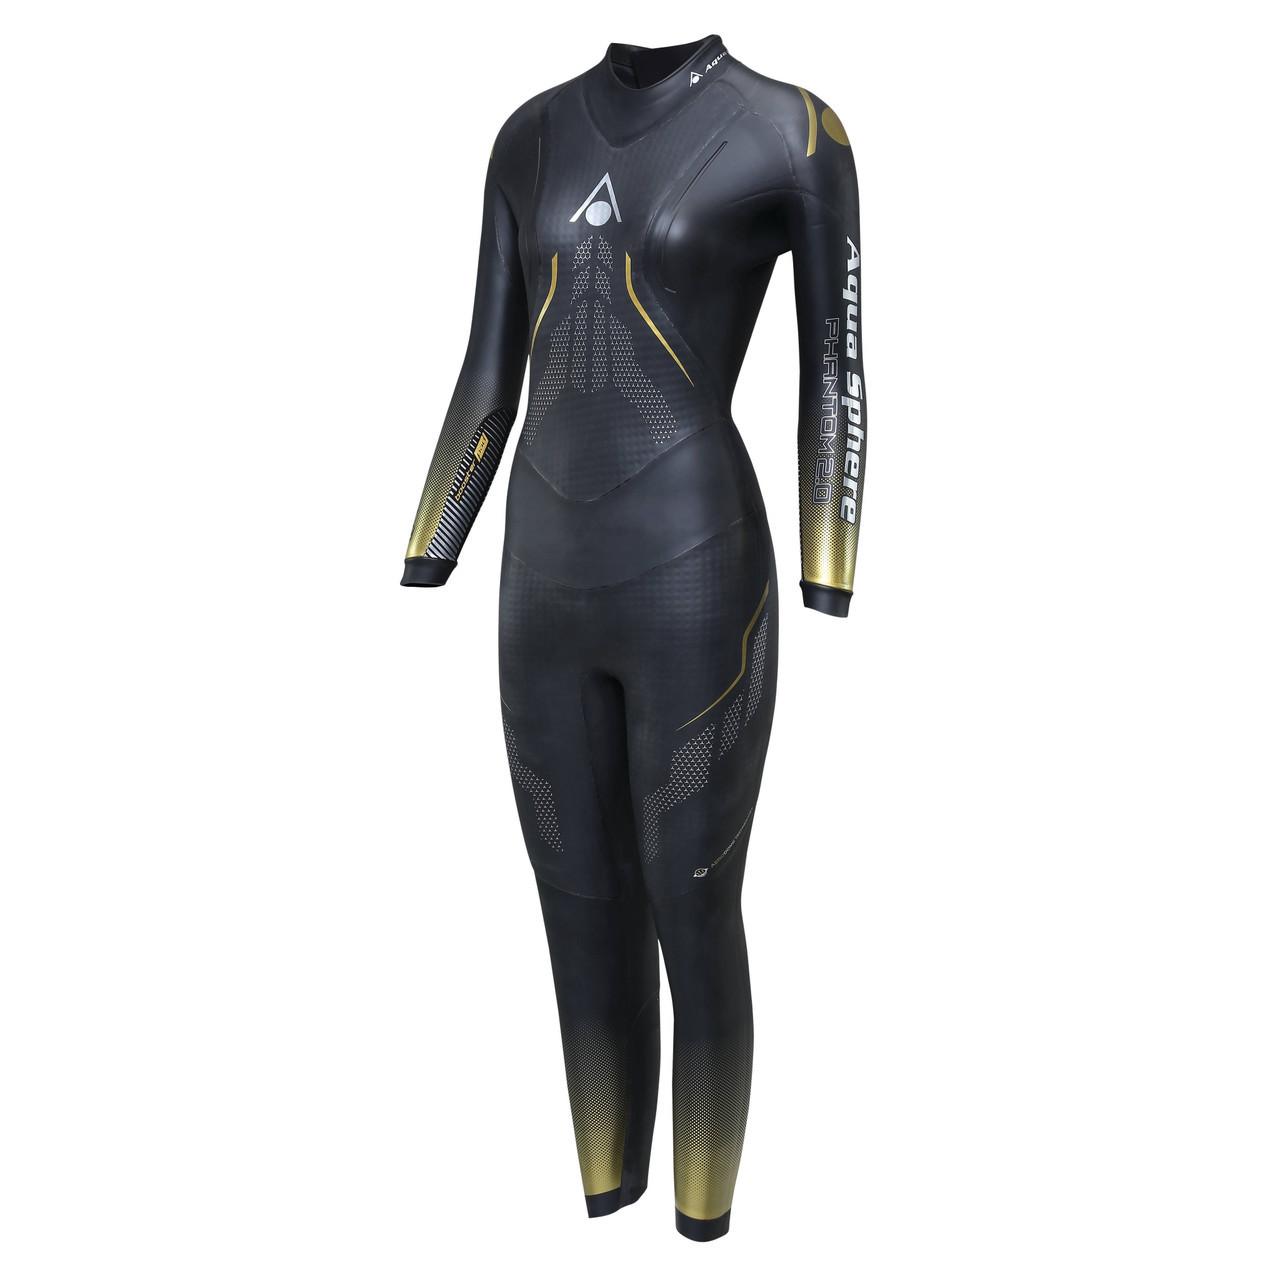 Aqua Sphere Women's Phantom 2.0 Wetsuit - 2019 price